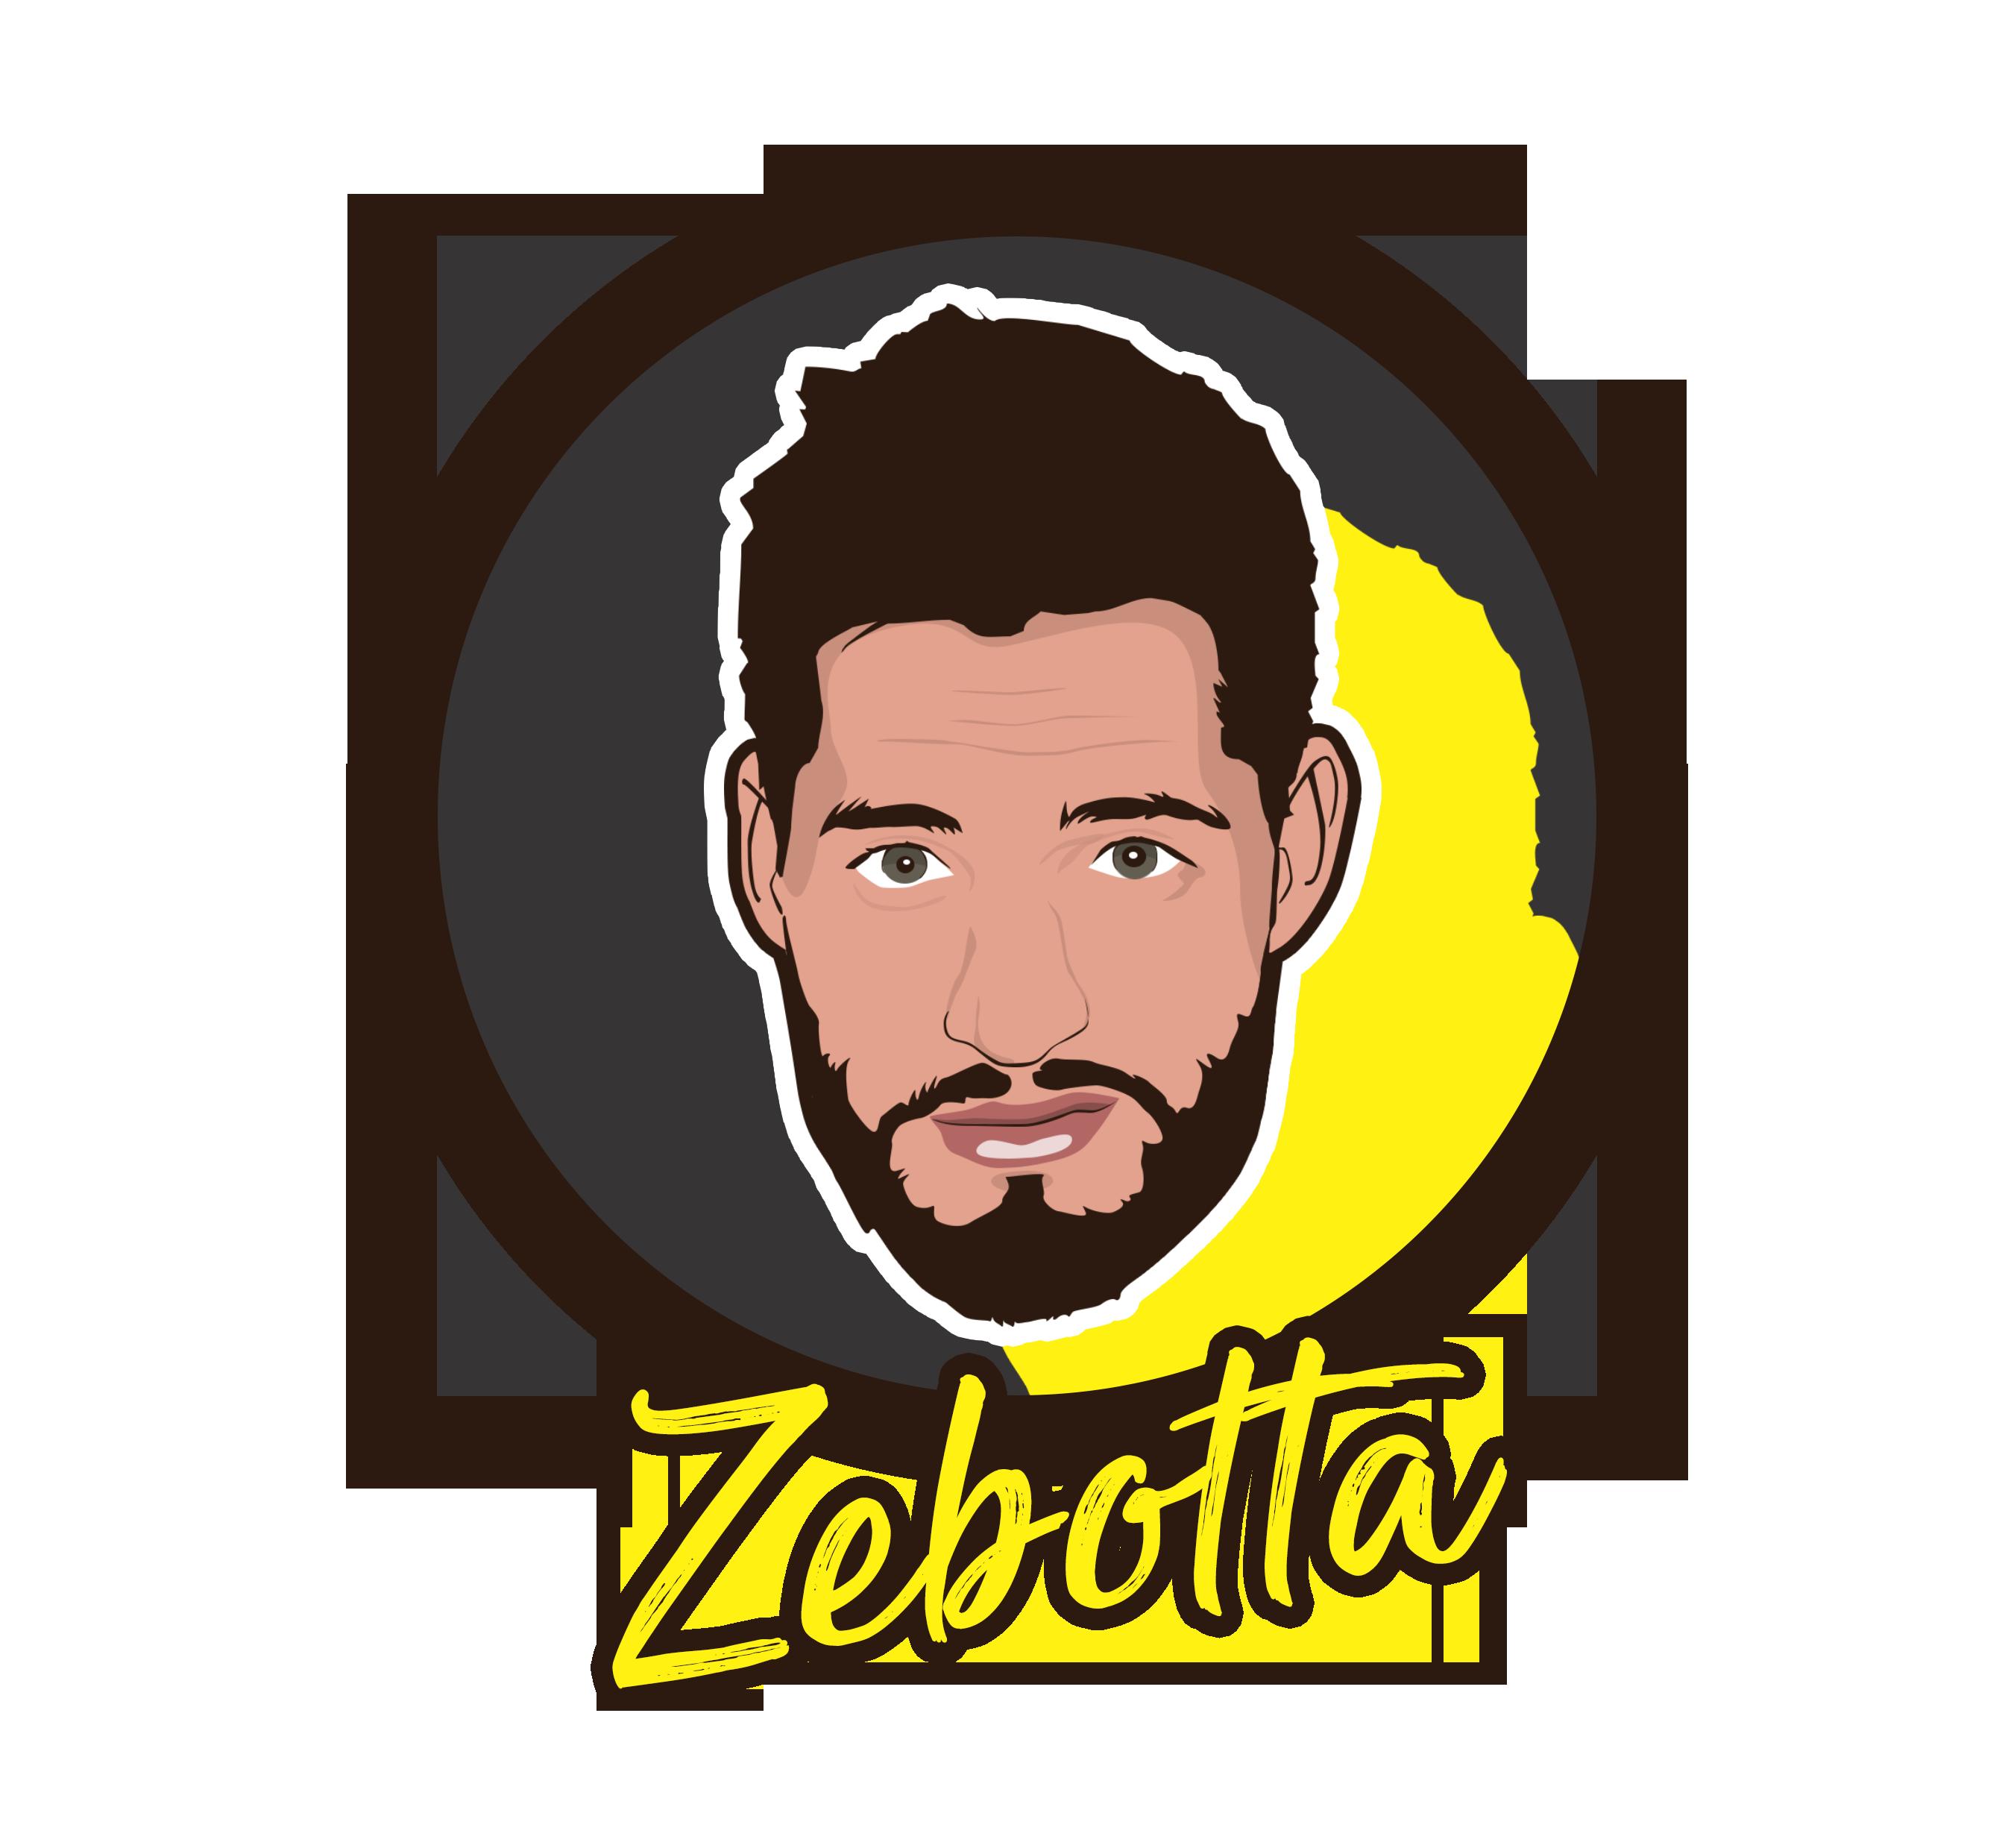 Zebotta